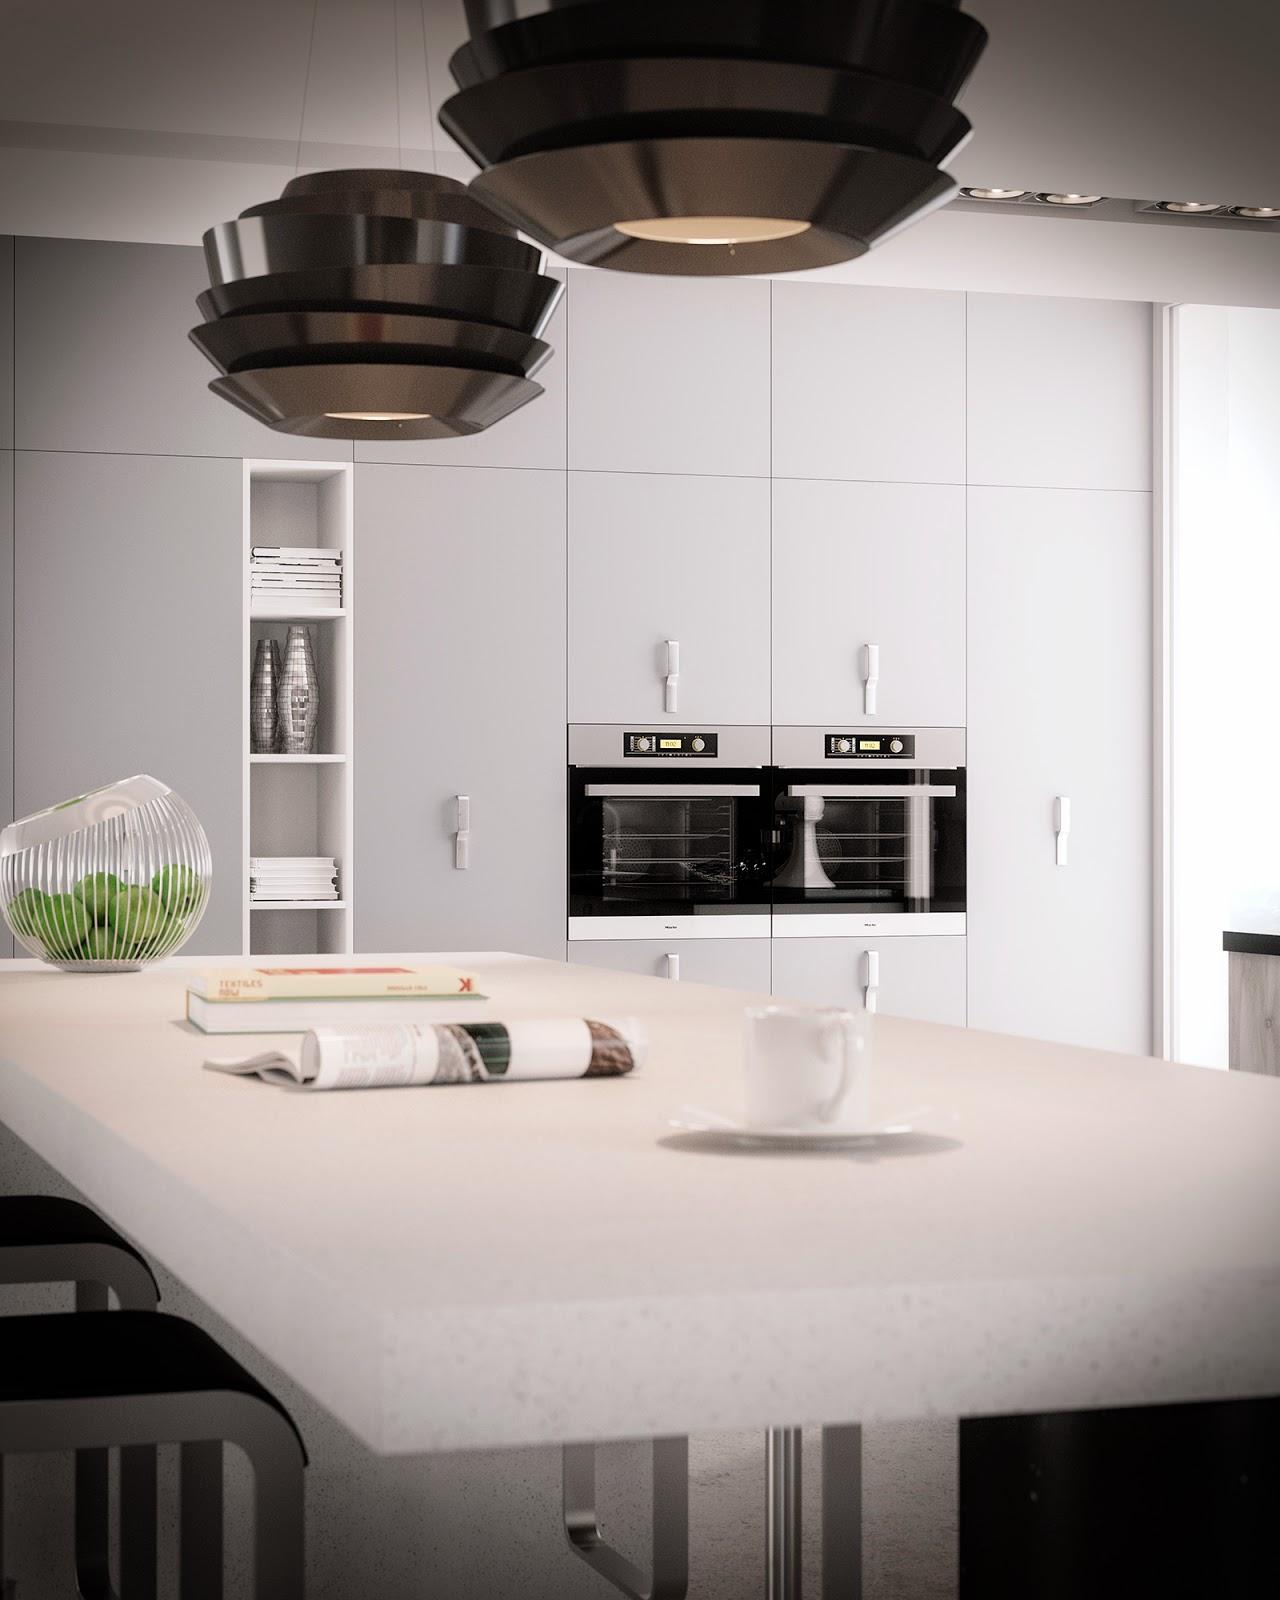 Jose vicente sanz march ambiente cocina con muebles en for Muebles blanco y negro